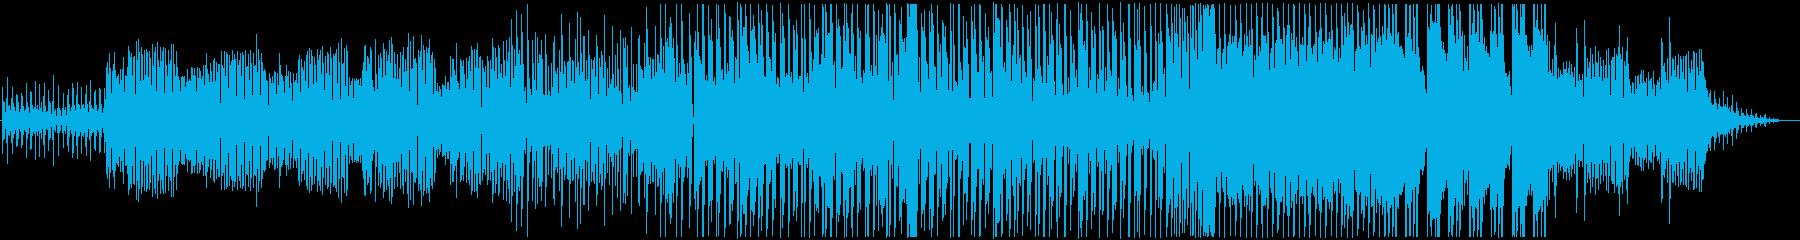 幽霊と戯れるようなエレクトロテクノの再生済みの波形